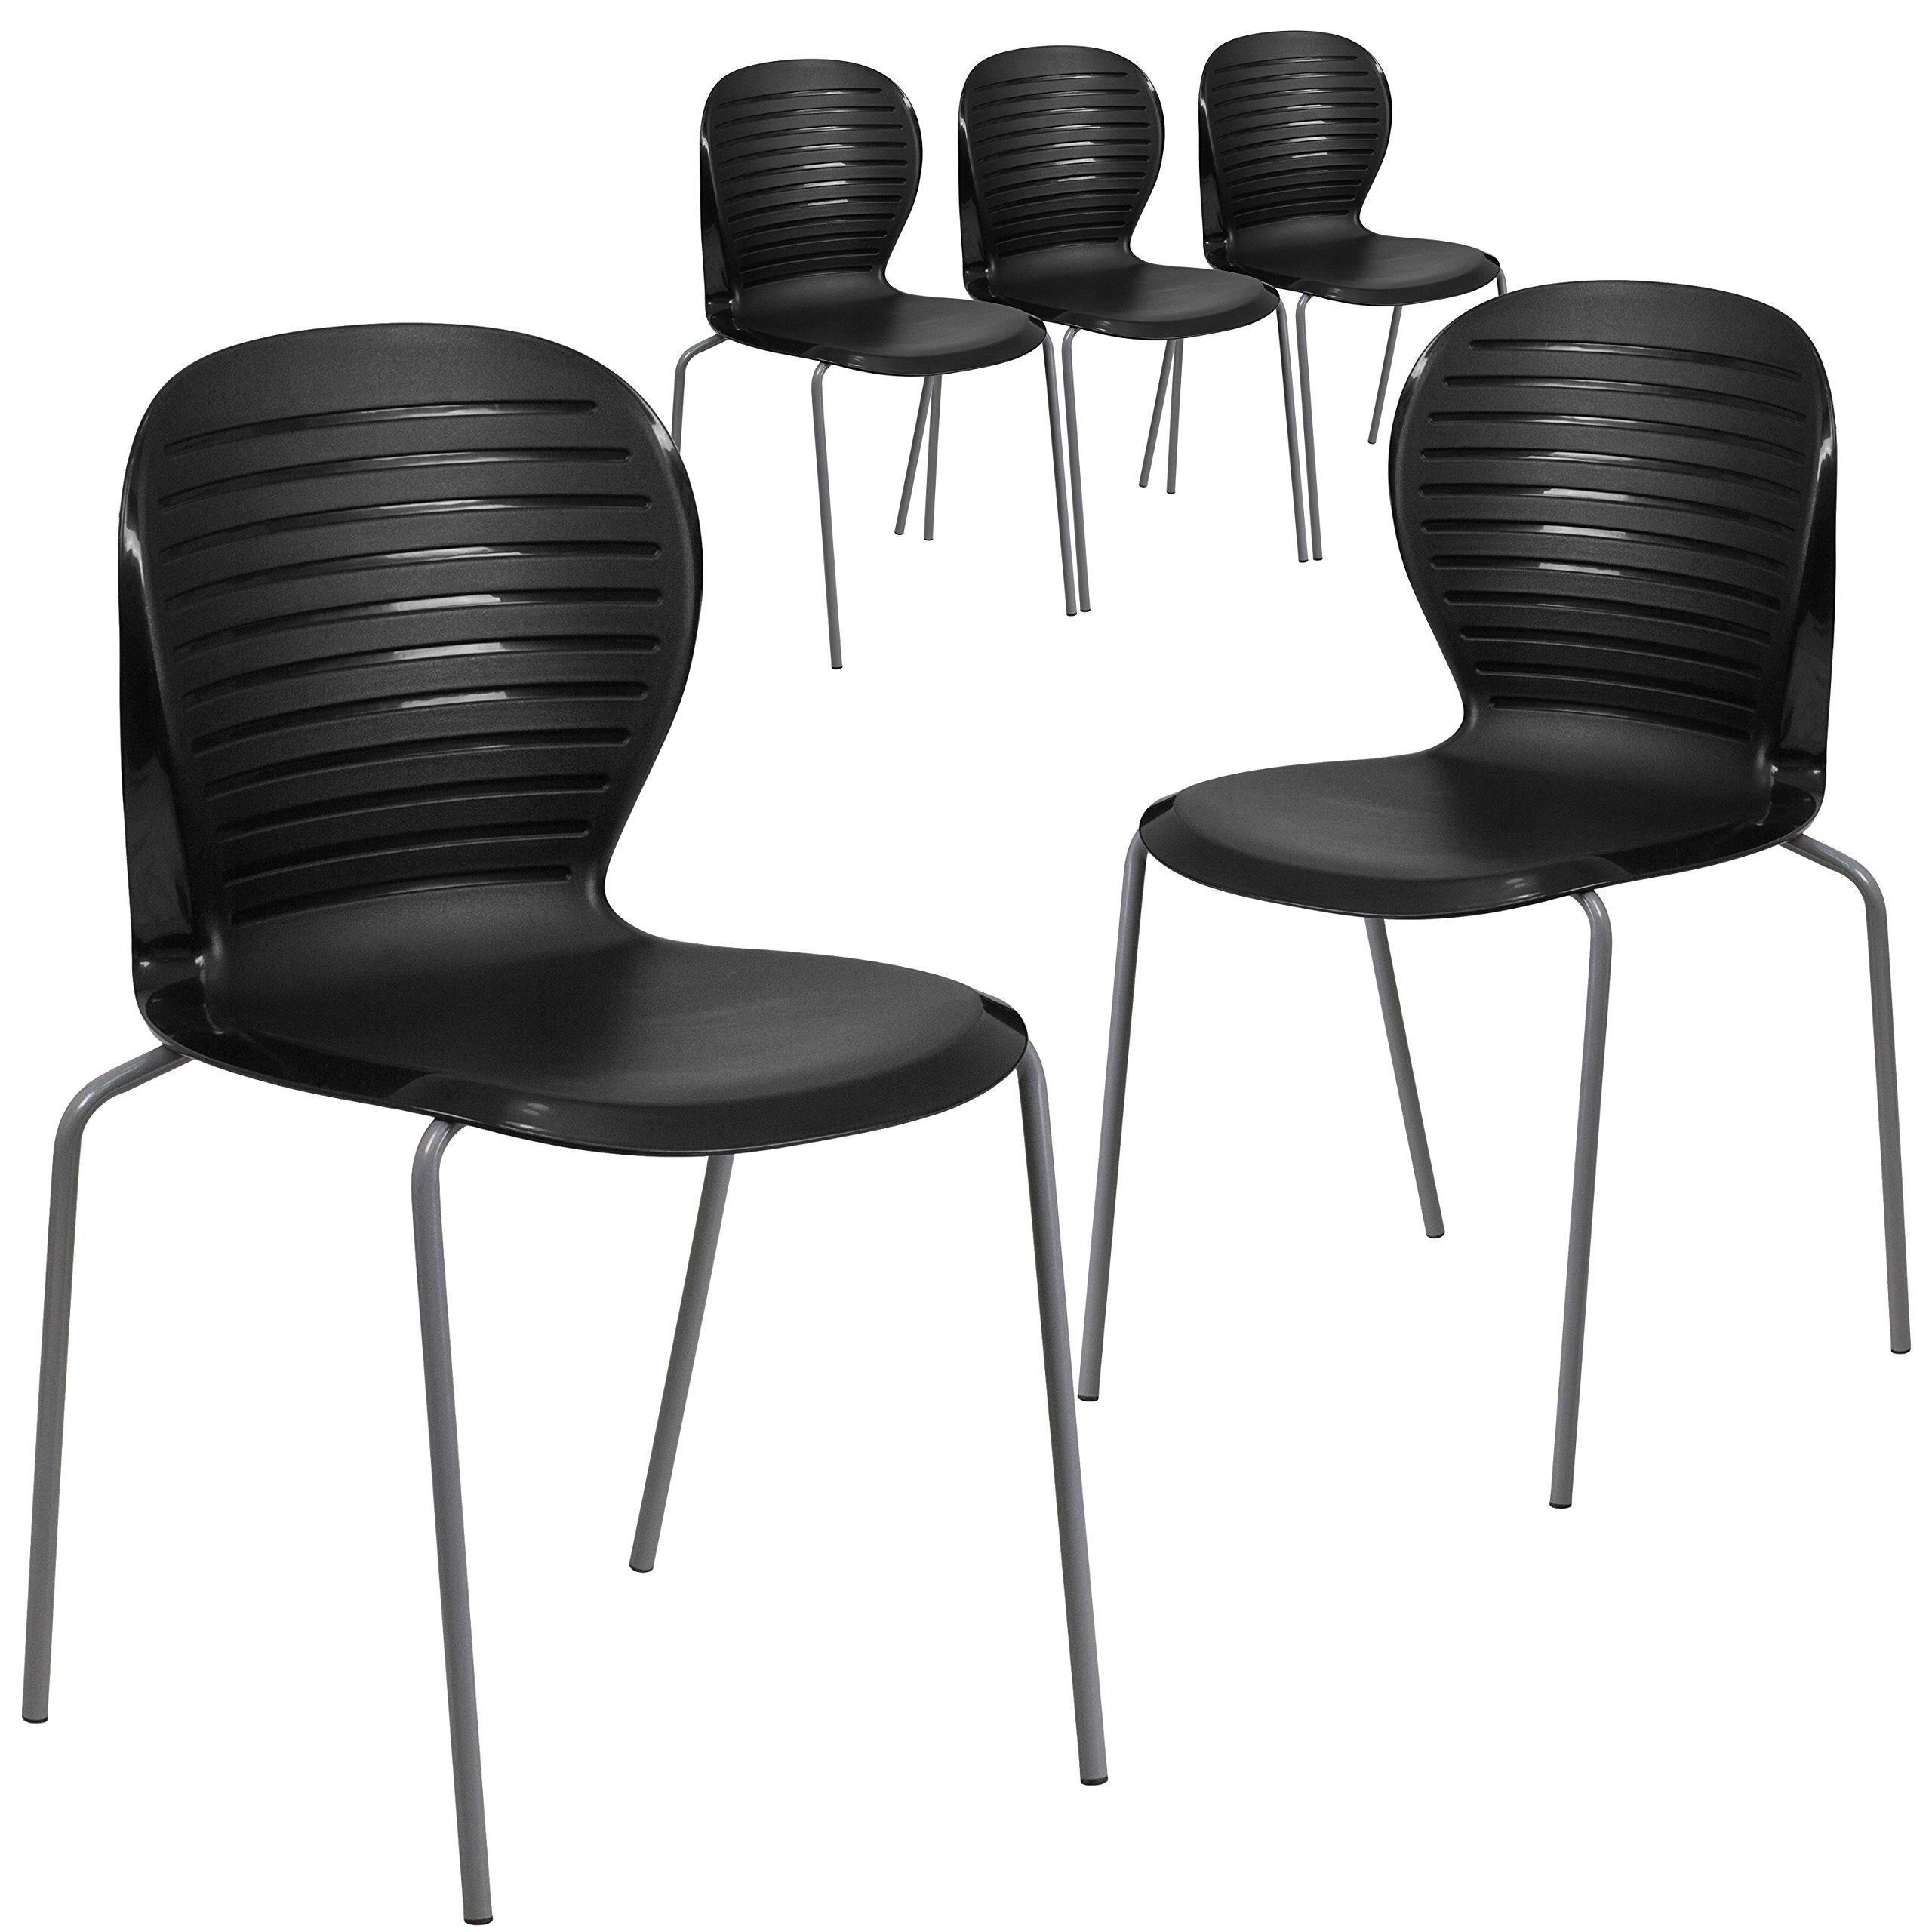 Flash Furniture 5 Pk. HERCULES Series 551 lb. Capacity Black Stack Chair